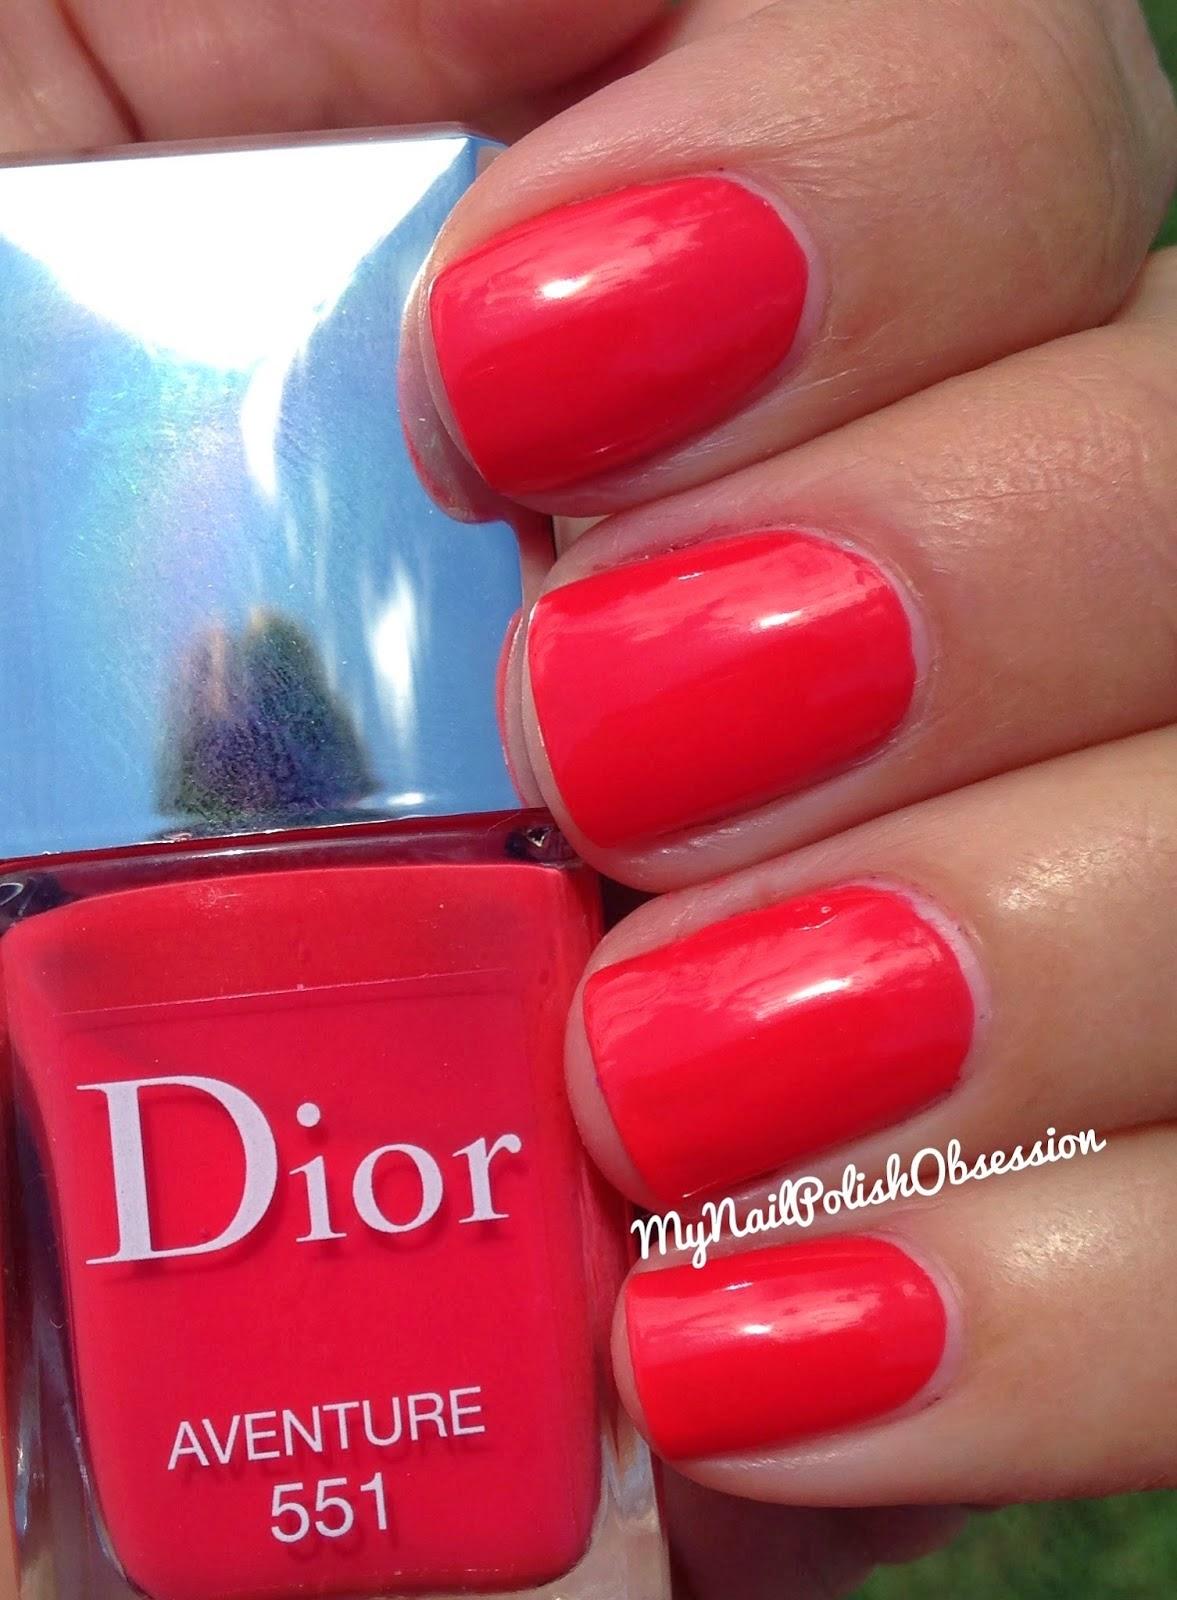 Dior Aventure